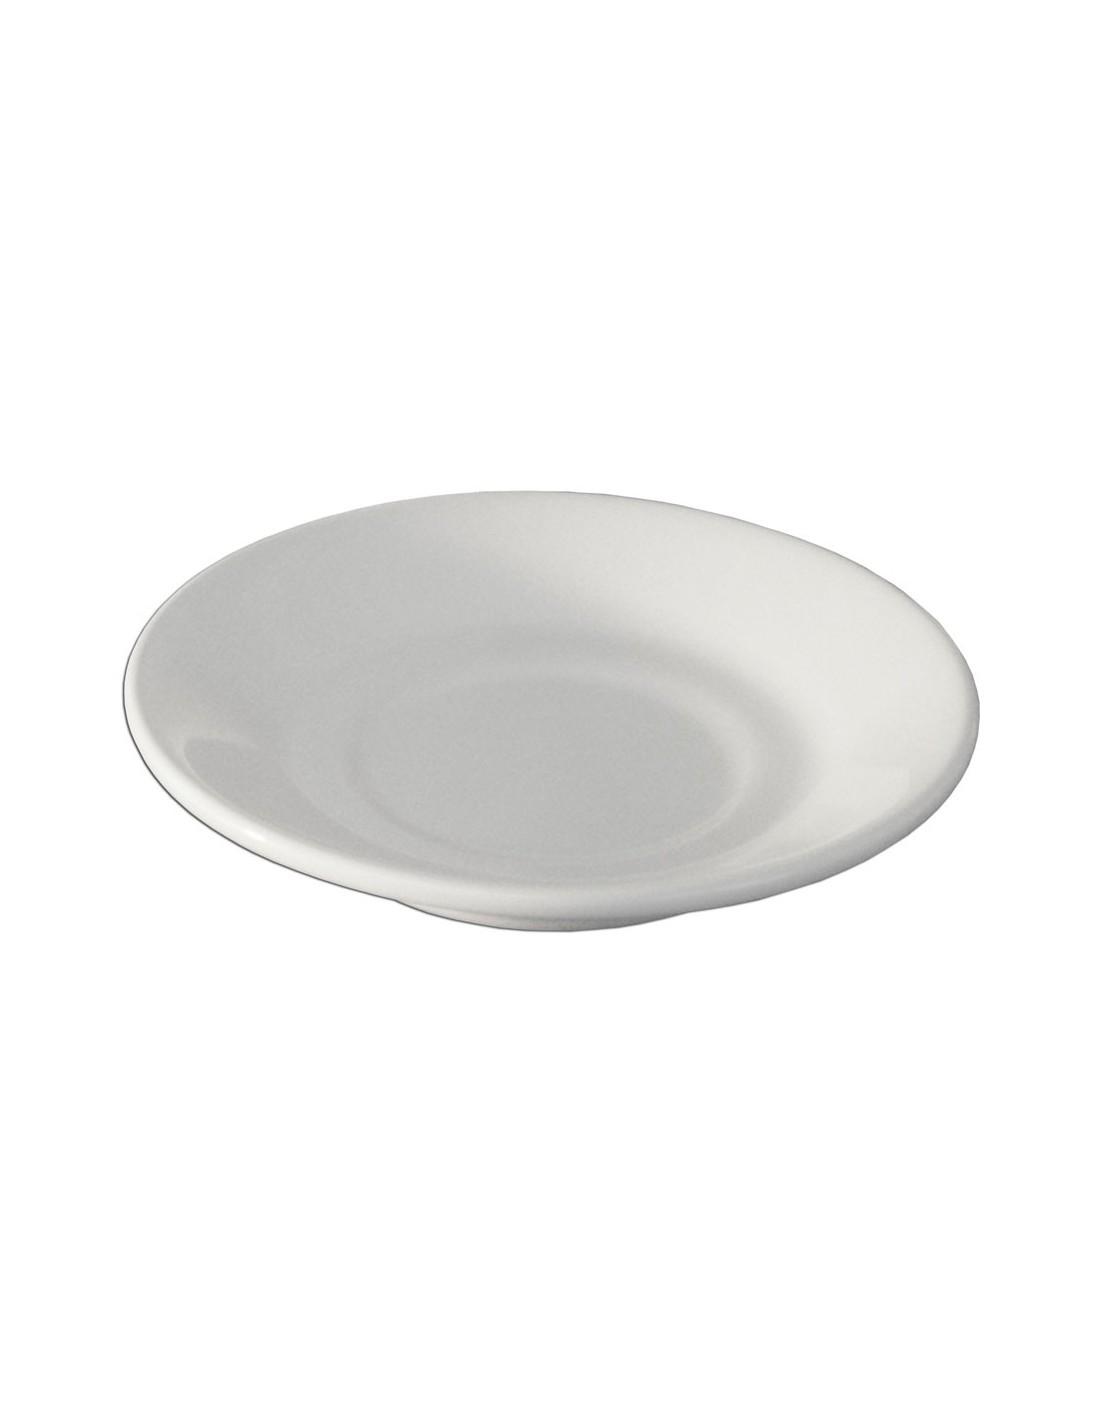 Plato para cafe embrocable anfora blanco polar for Plato blanco